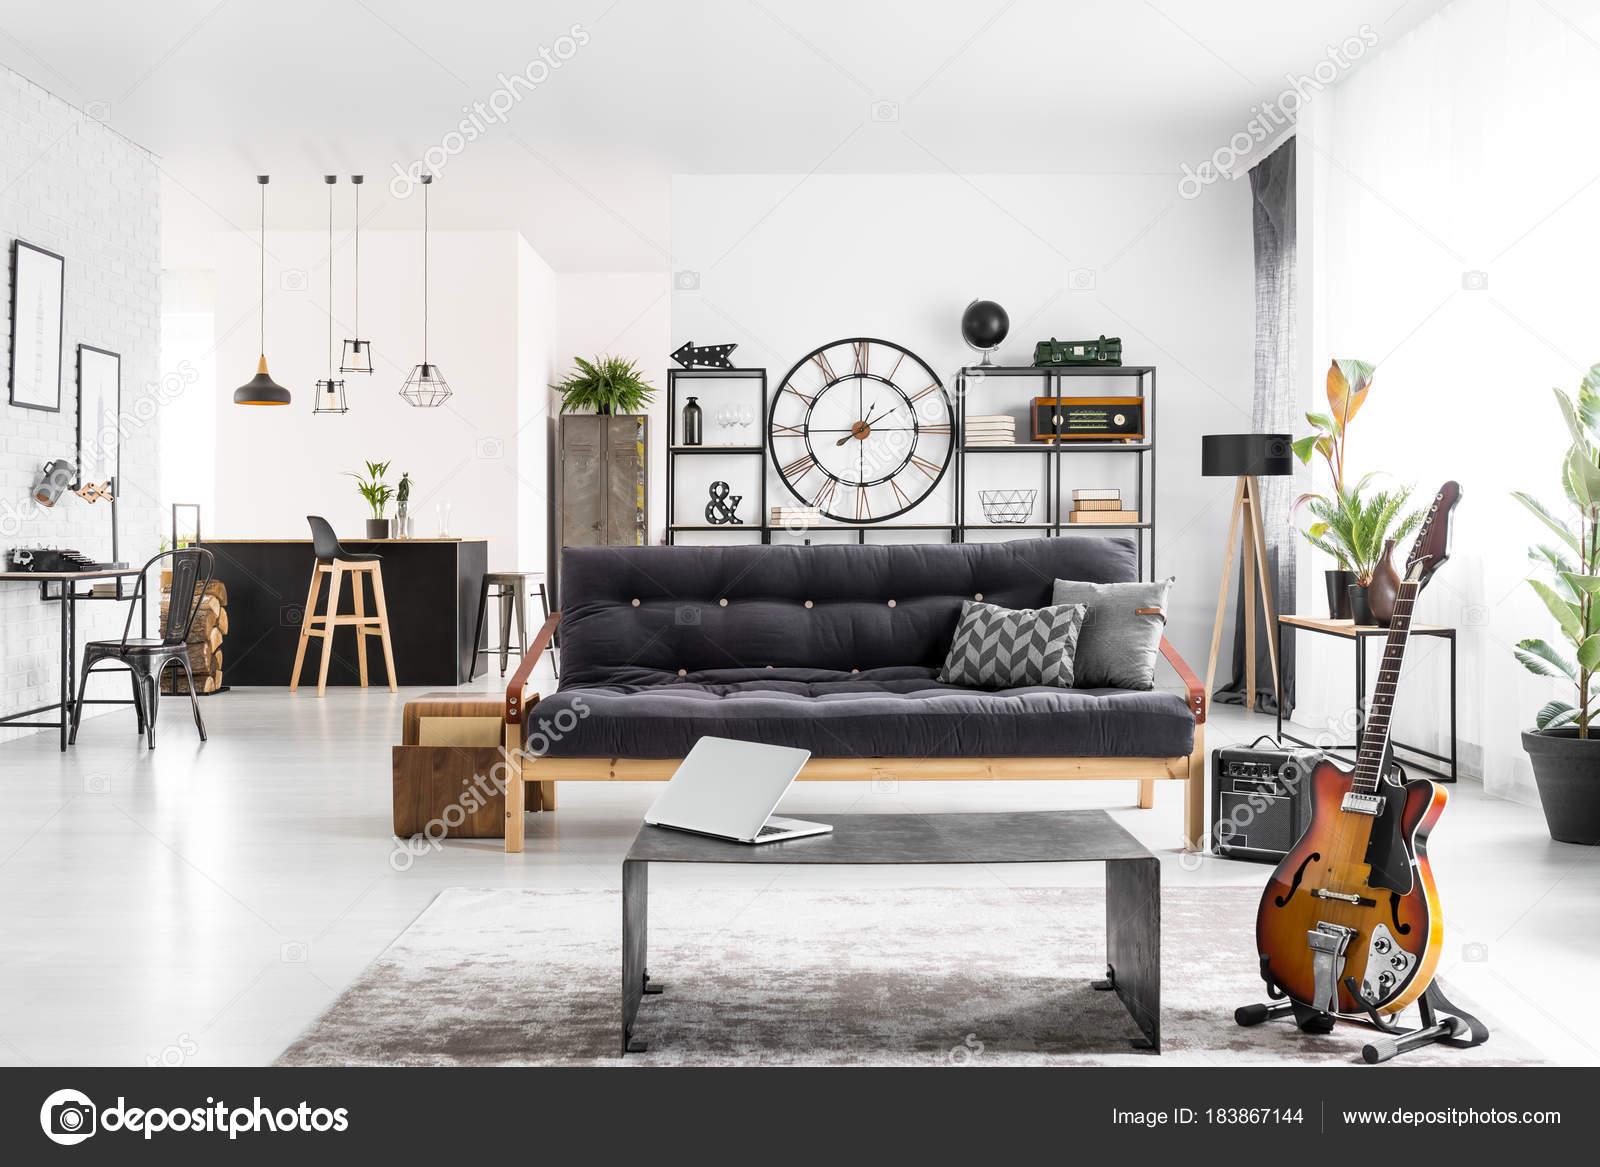 Männliche Wohnung Inneneinrichtung Stockfoto Photographeeeu